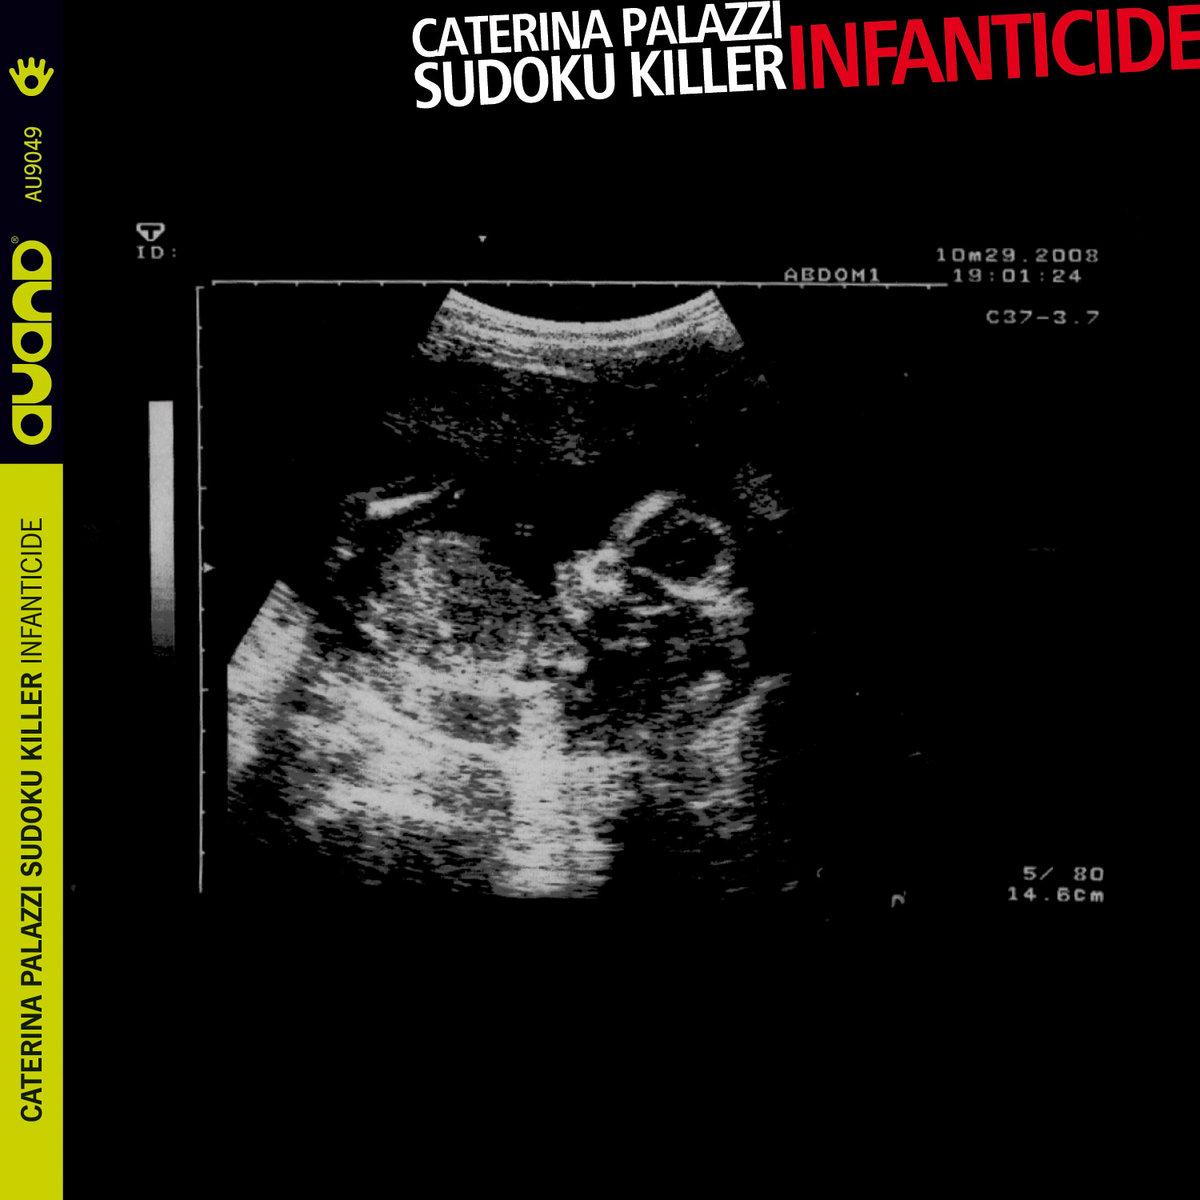 Sudoku Killer | Auand